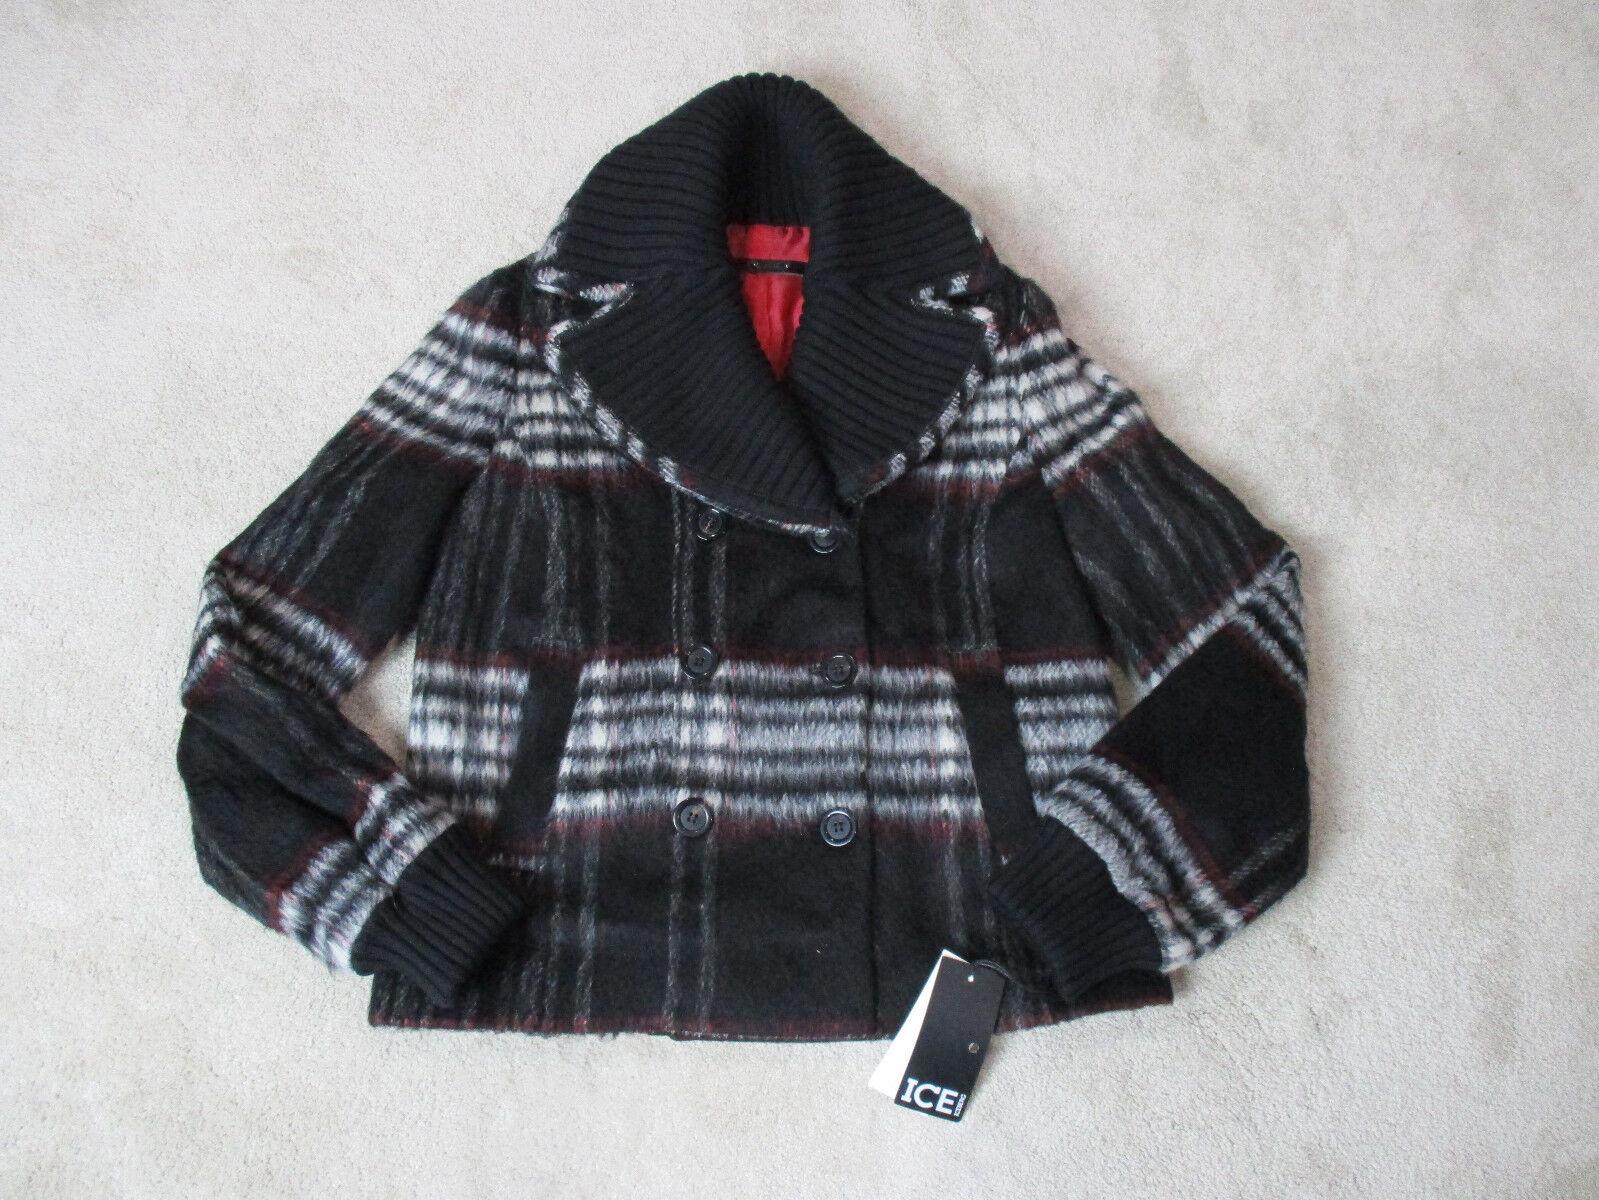 Nueva chaqueta  para mujer ICE Iceberg pequeño tamaño 8 Marrón Rojo a Cuadros Abrigo Damas  entrega rápida